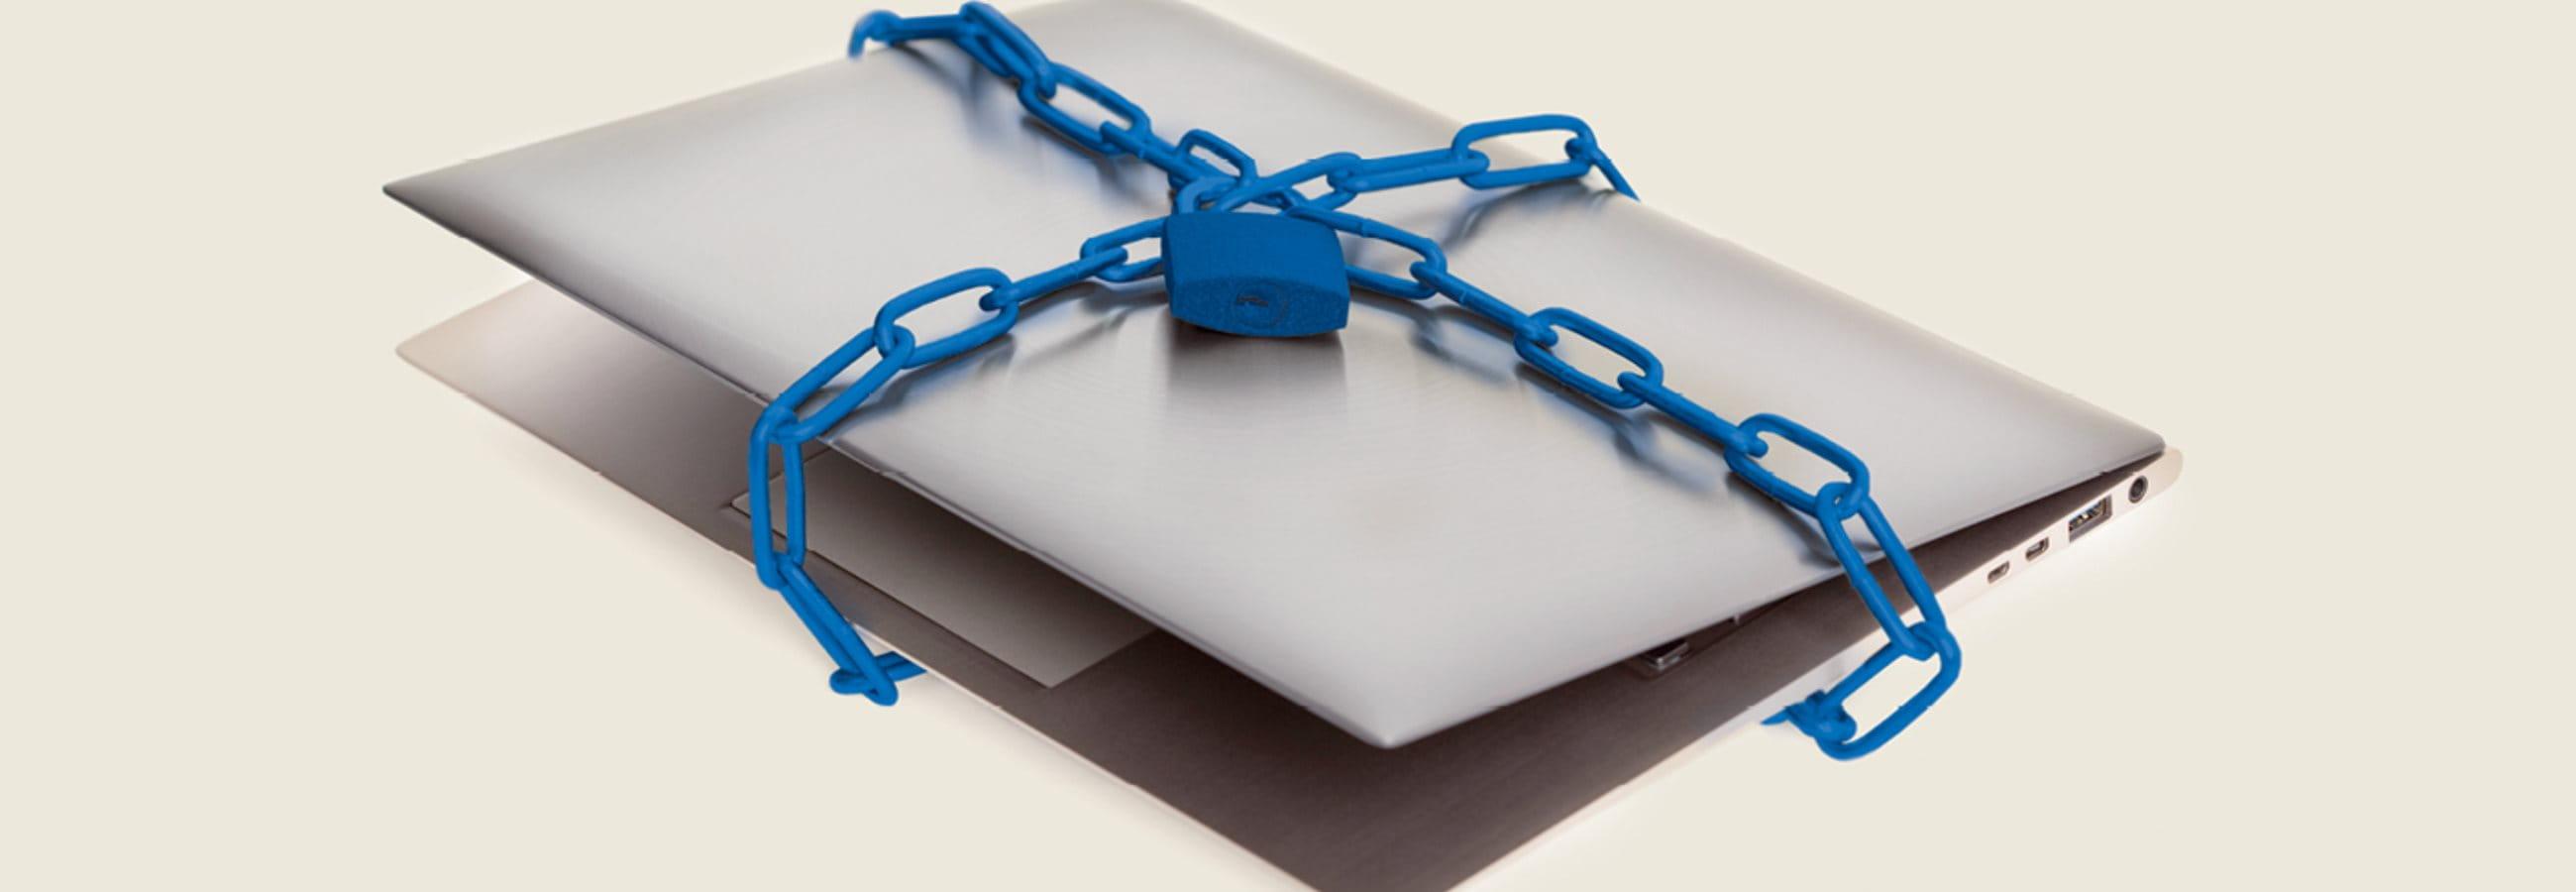 8 consigli impedire gli attacchi informatici o ridurne for Zurich mobilia domestica